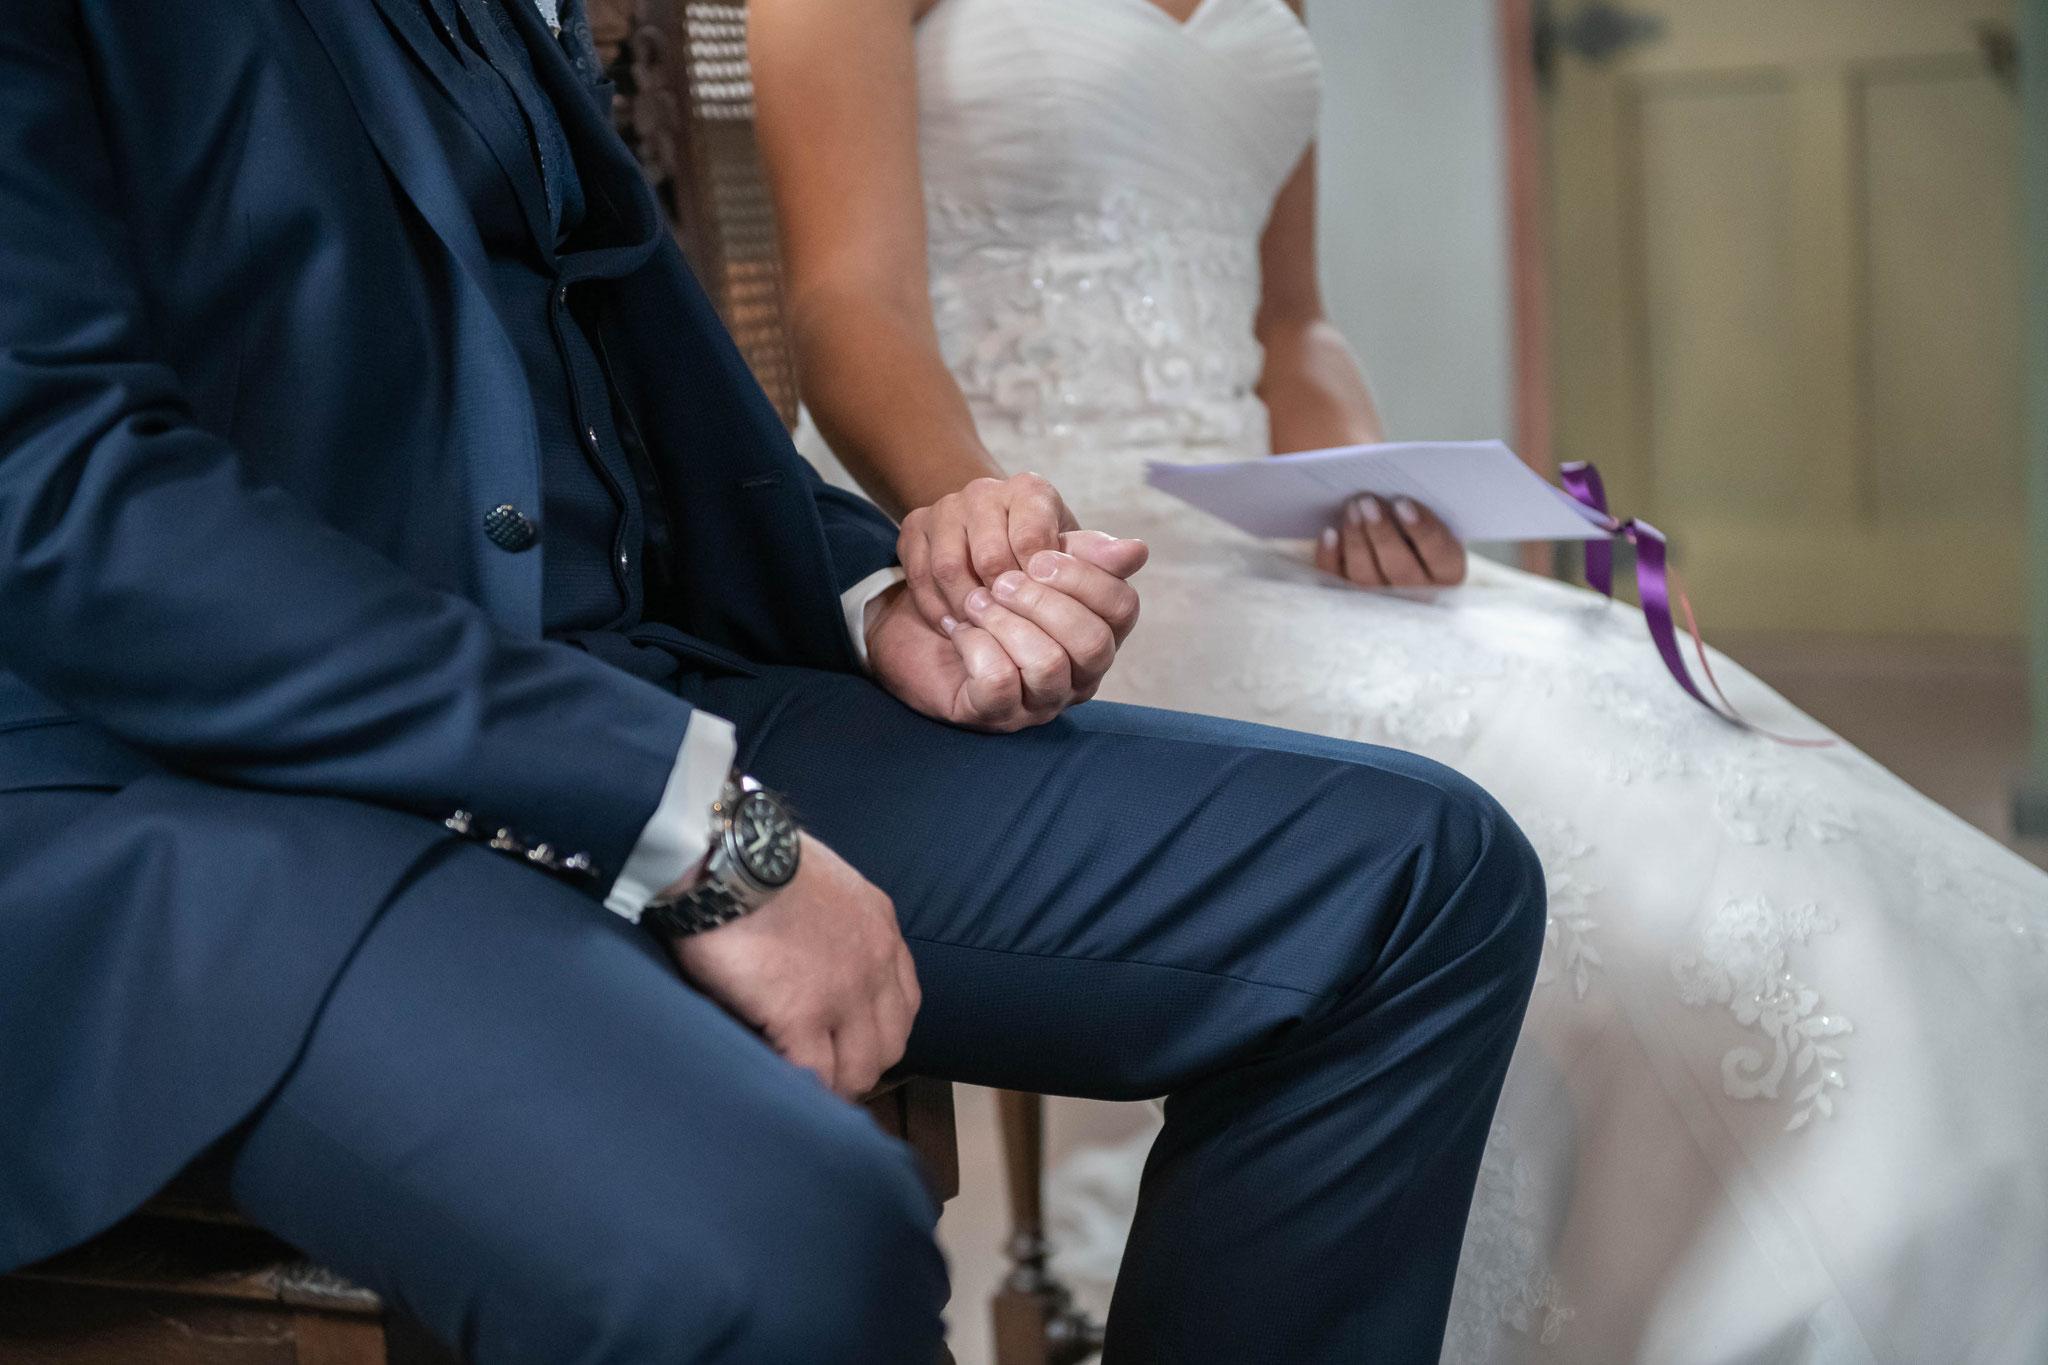 Braut und Bräutigam halten sich fest die Hände zusammen